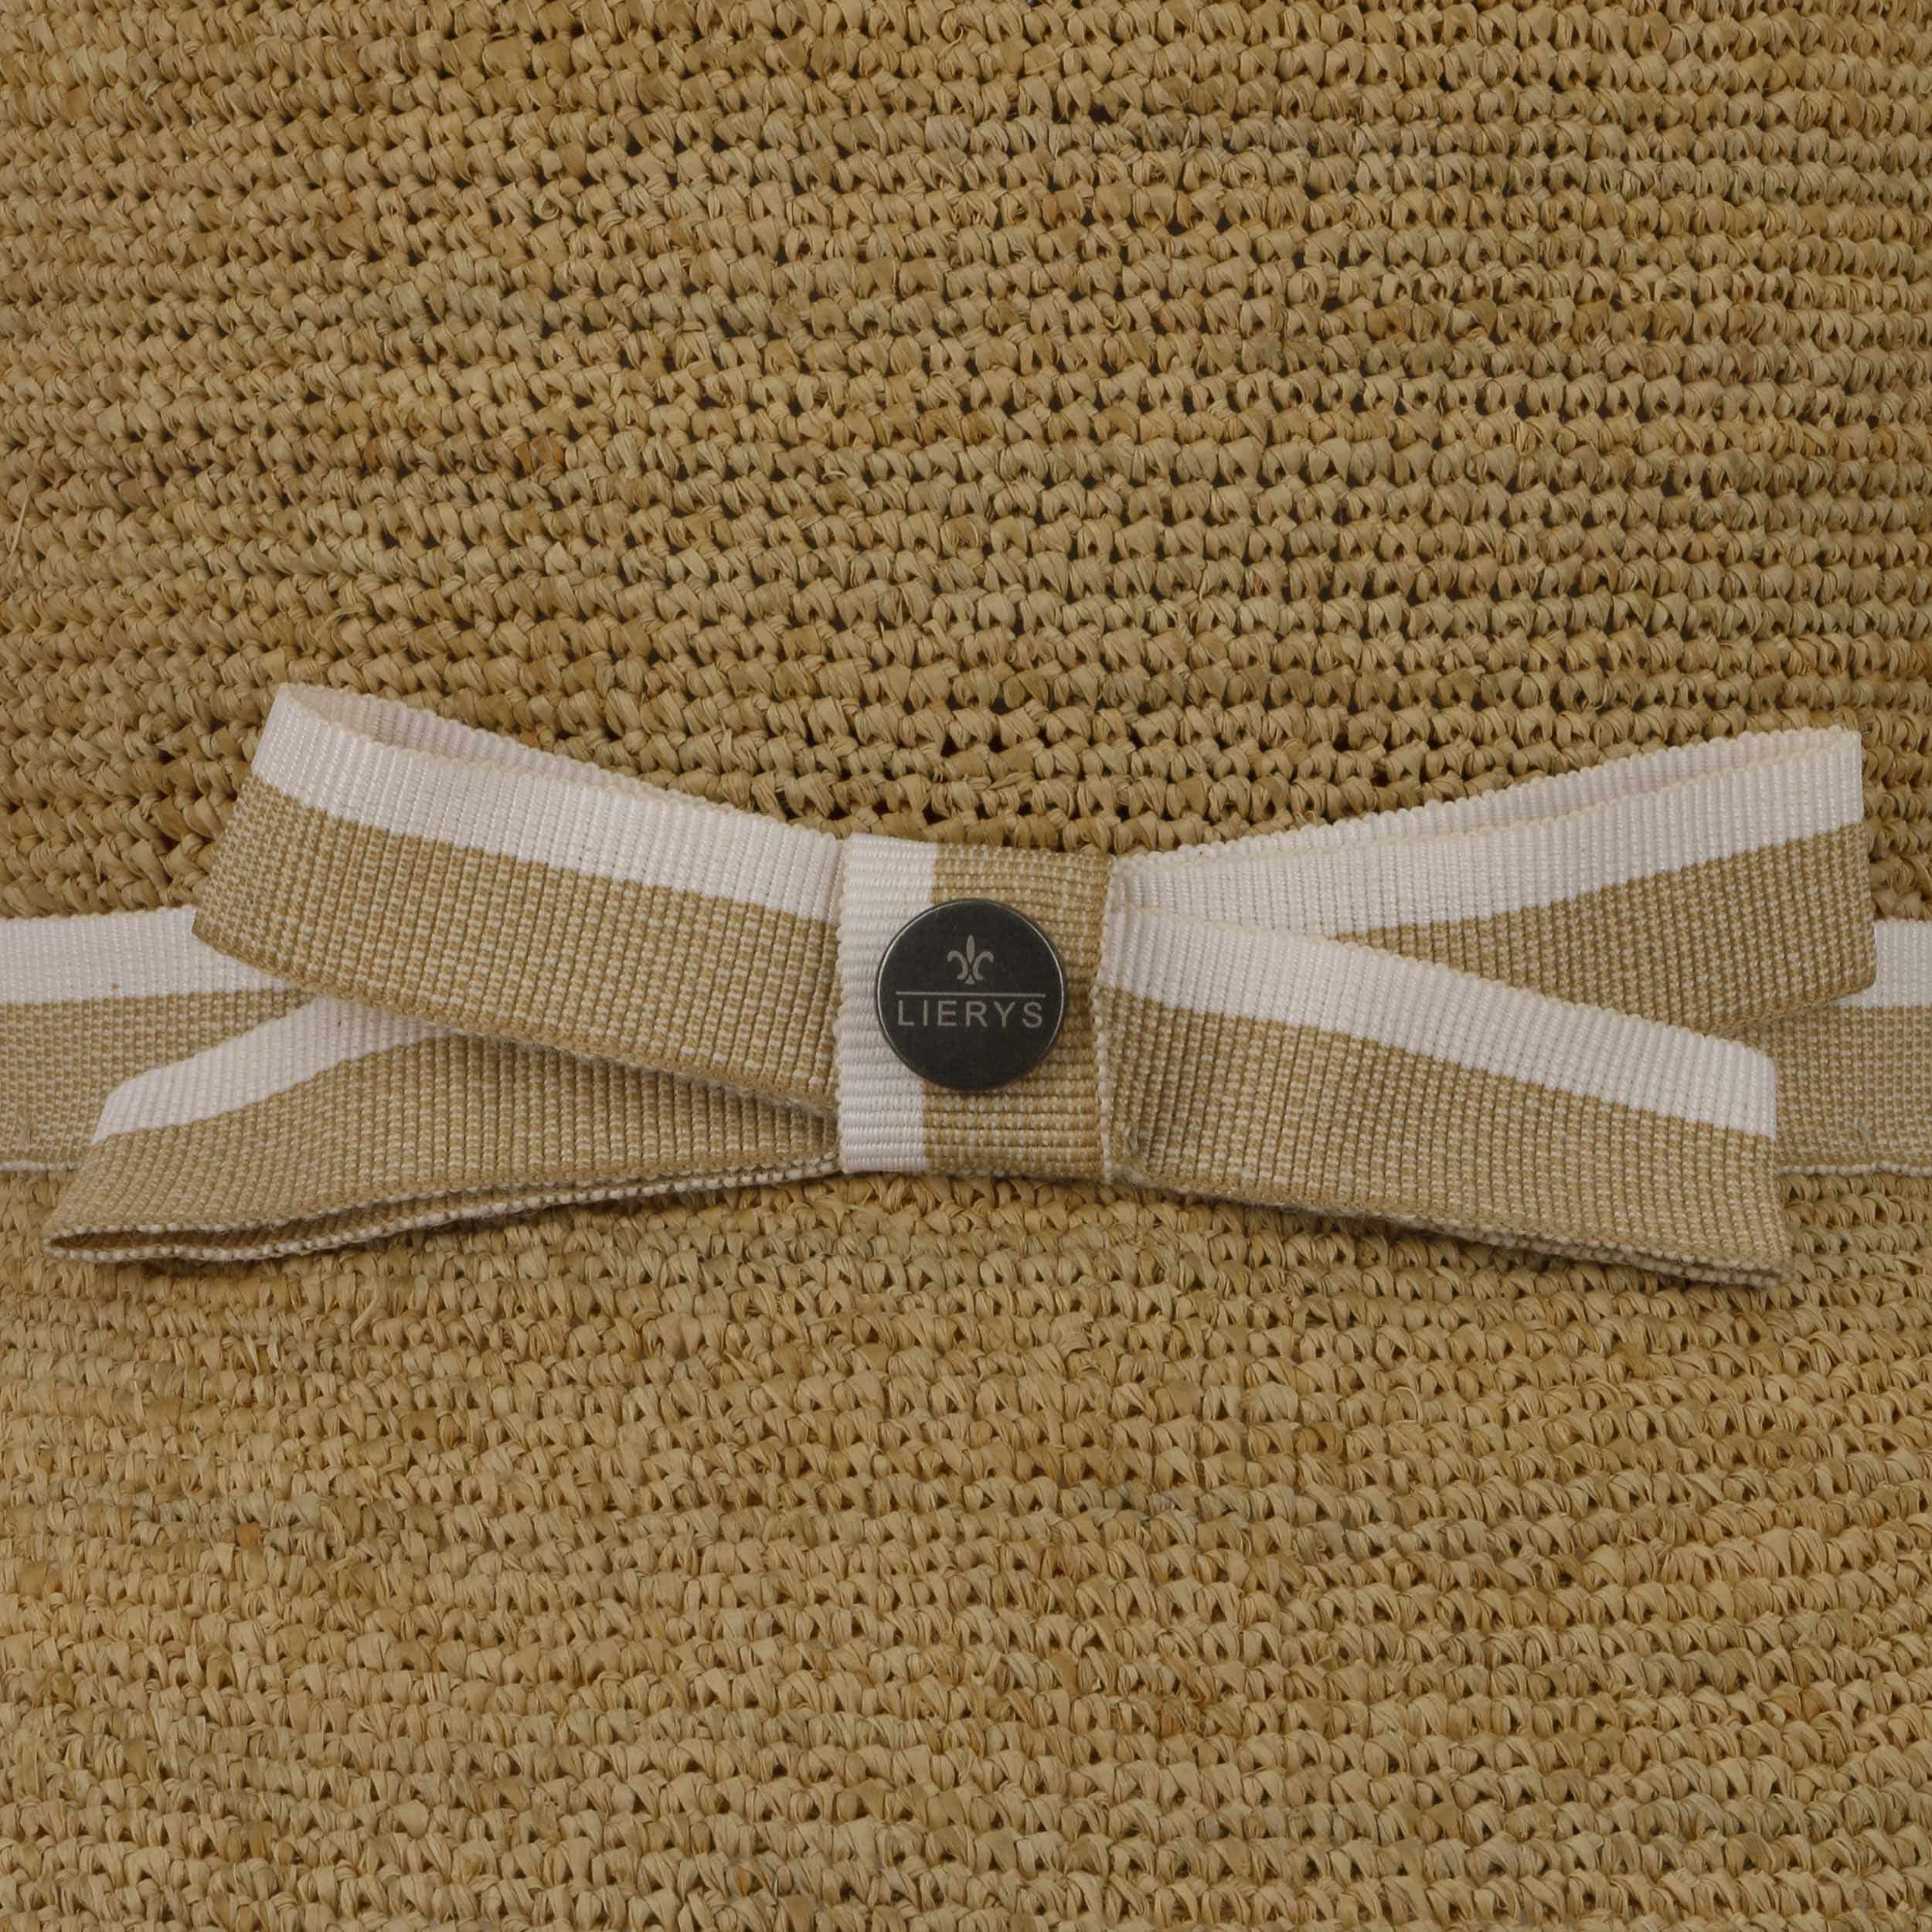 Crochet Straw Cloche Raffia Hat by Lierys Sun hats Lierys jrd63Z